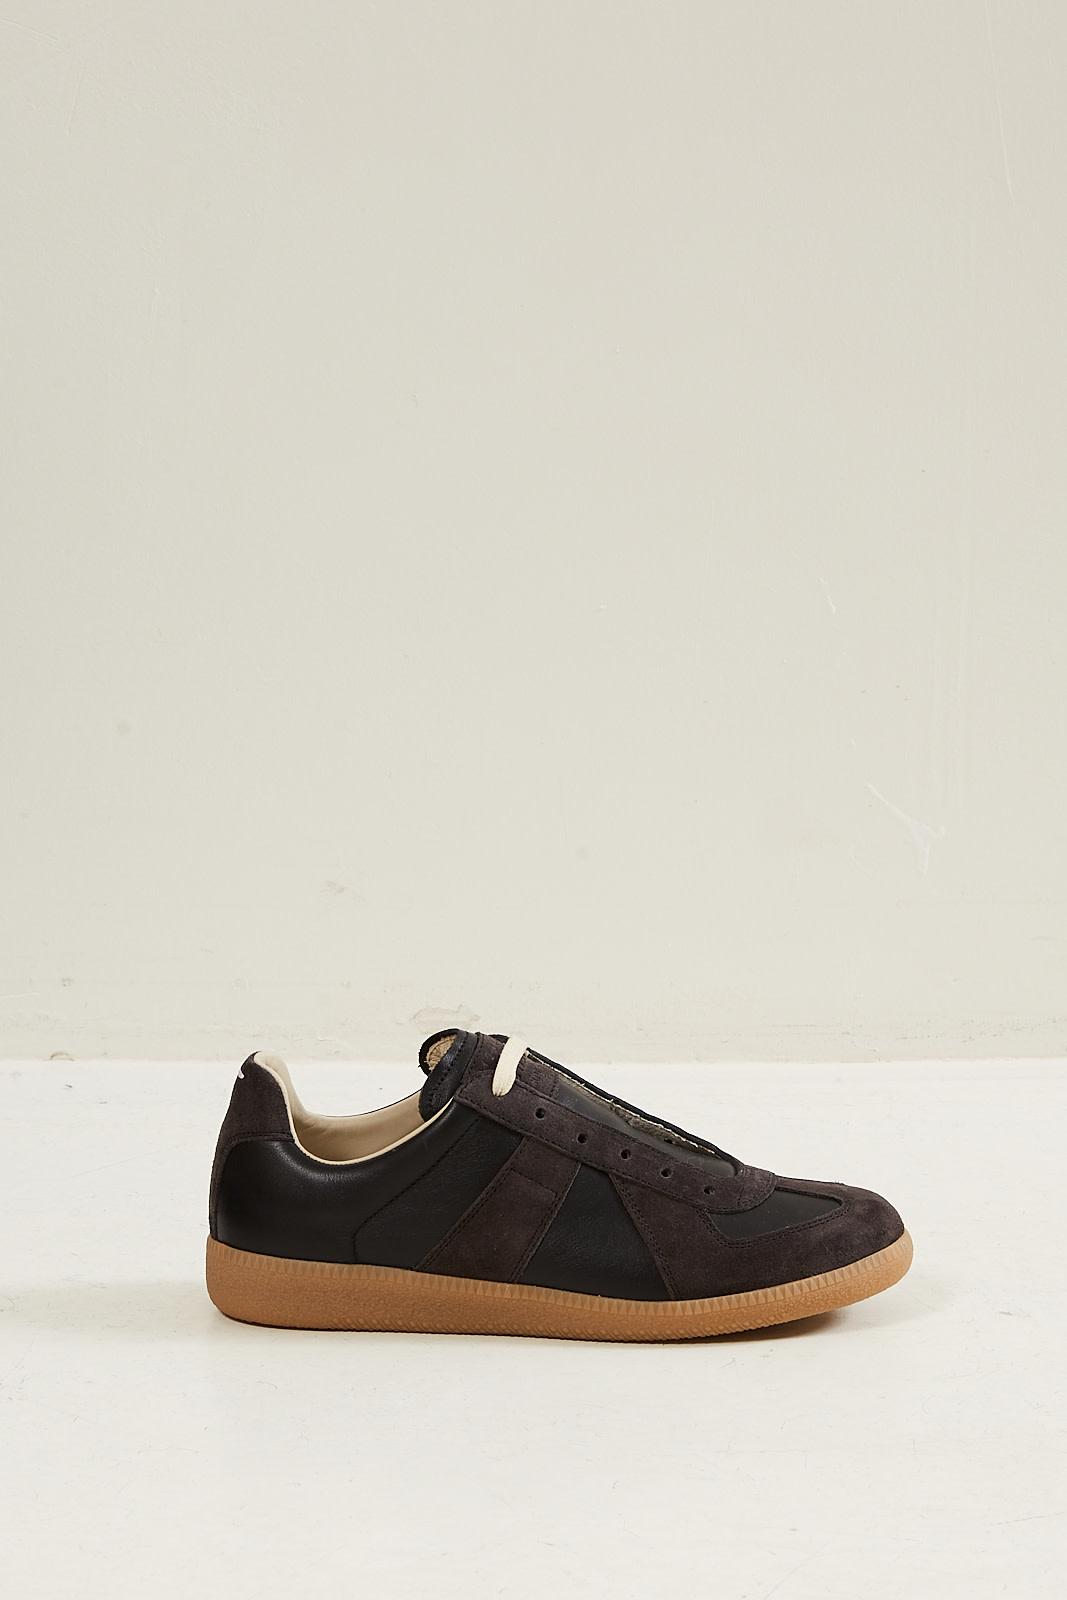 Maison Margiela - Sneakers MM